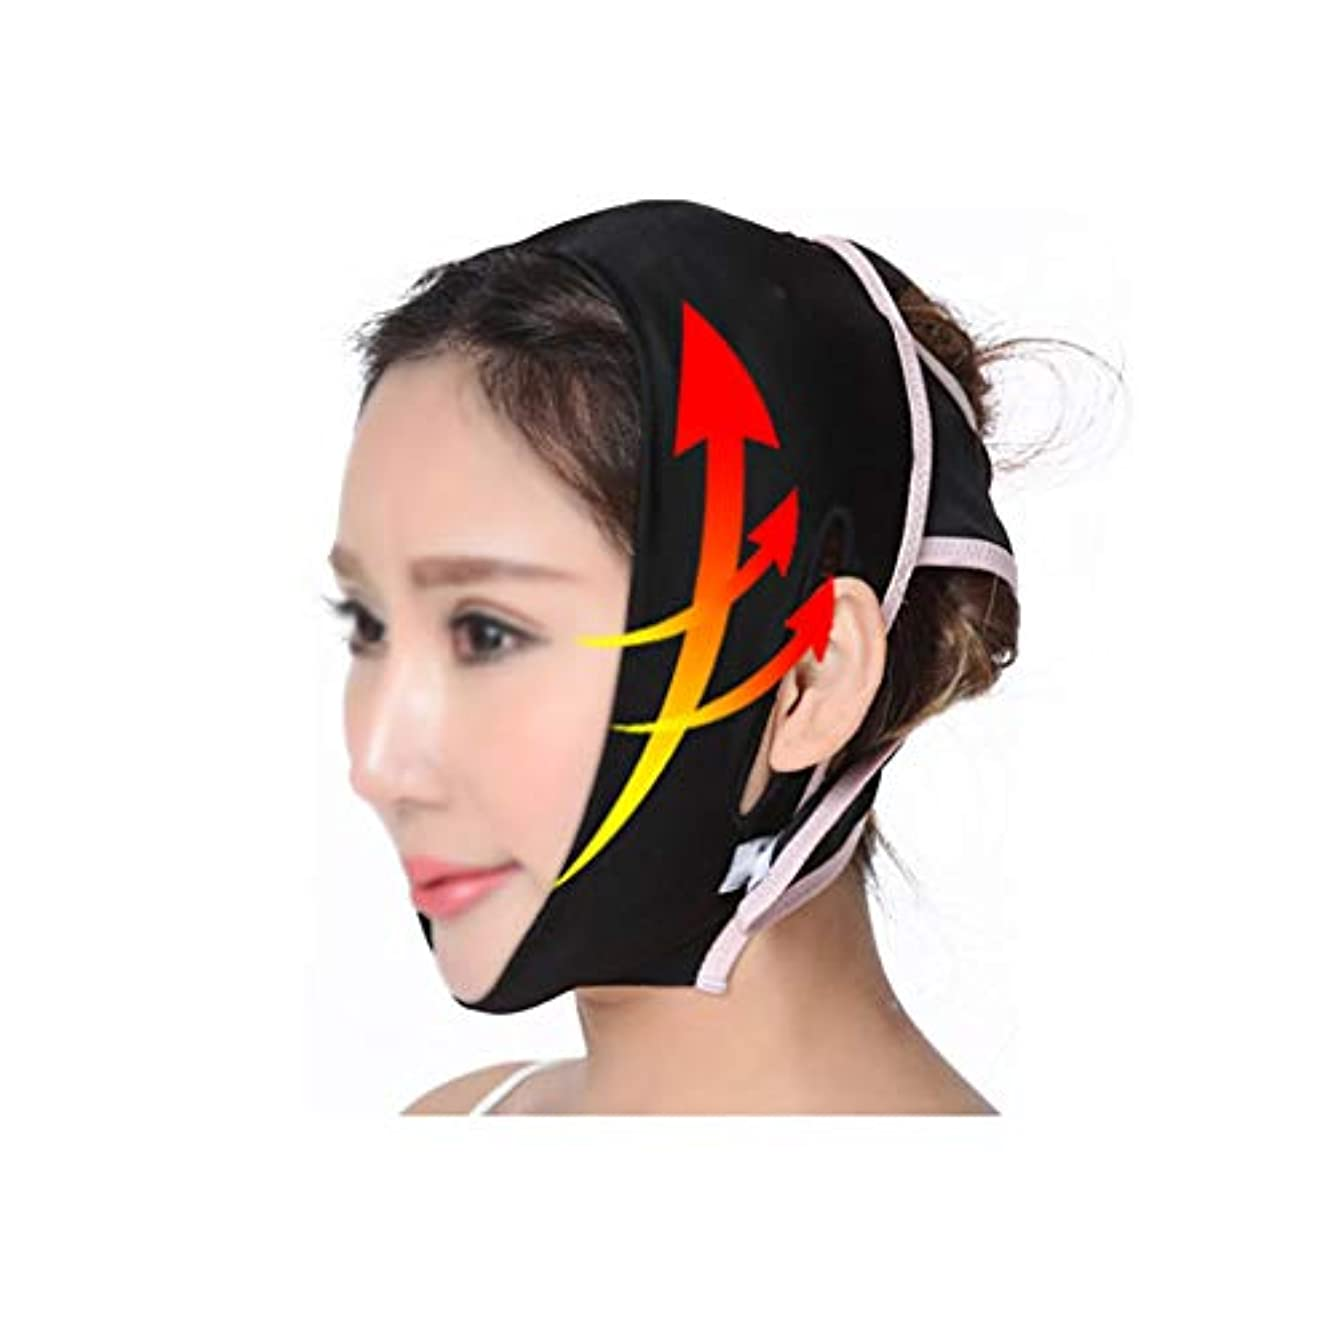 舌な実験室表面的なTLMY 薄い顔のマスクのマスクの睡眠の顔のプラスチック顔の包帯の顔の持ち上がるVの表面のアーチファクトの回復 ネックバンド 顔用整形マスク (Size : L)